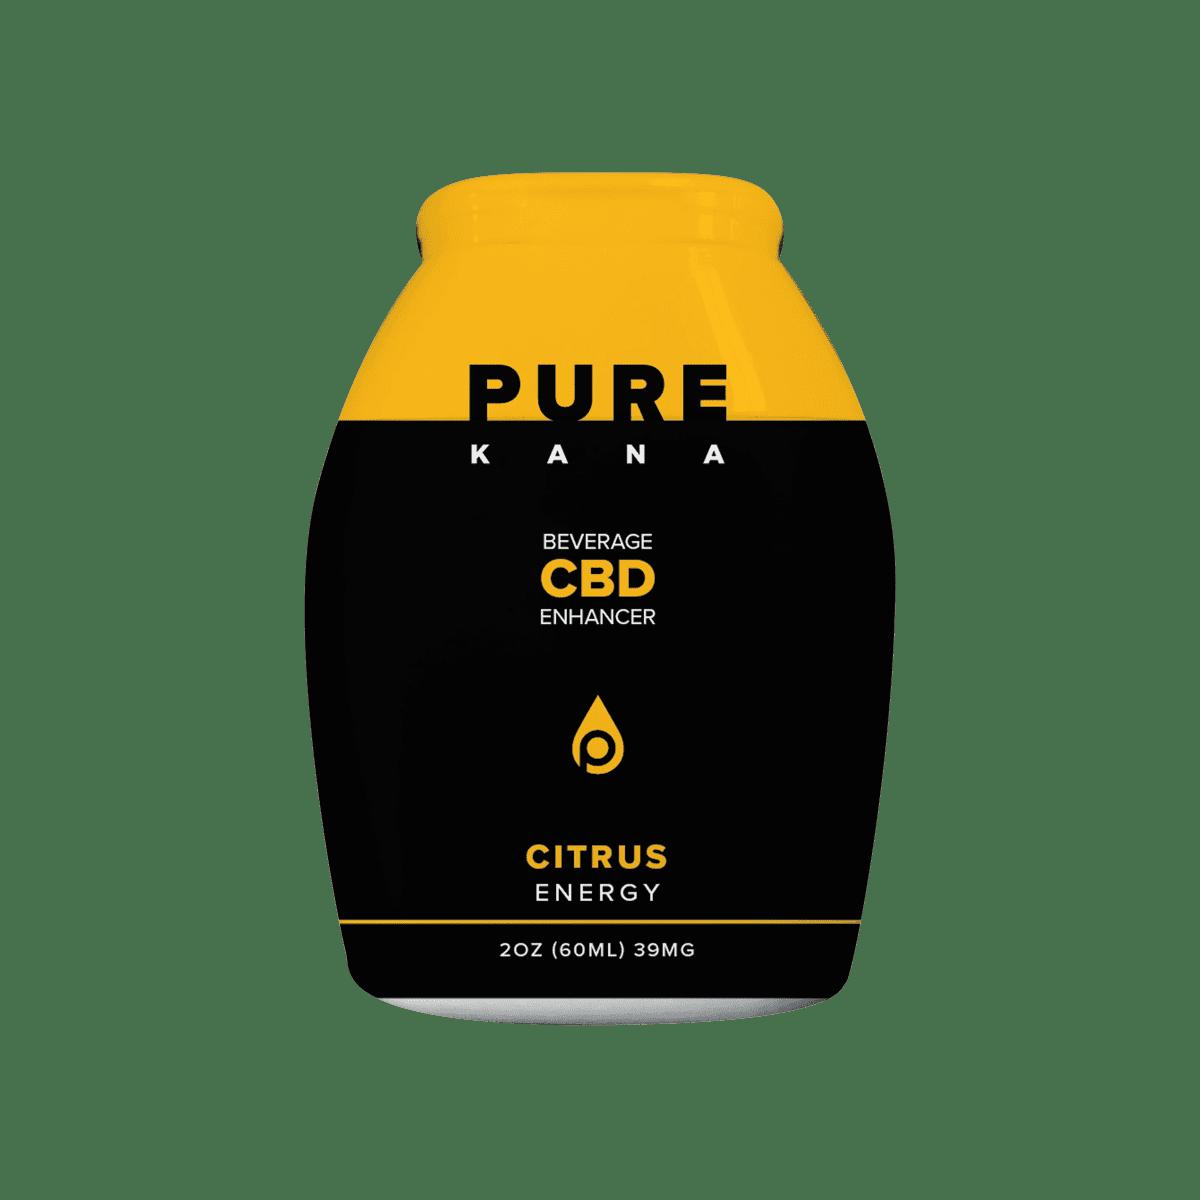 PureKana Citrus for Energy CBD Beverage Enhancer 2oz (60ml) 39mg CBD | PureKana